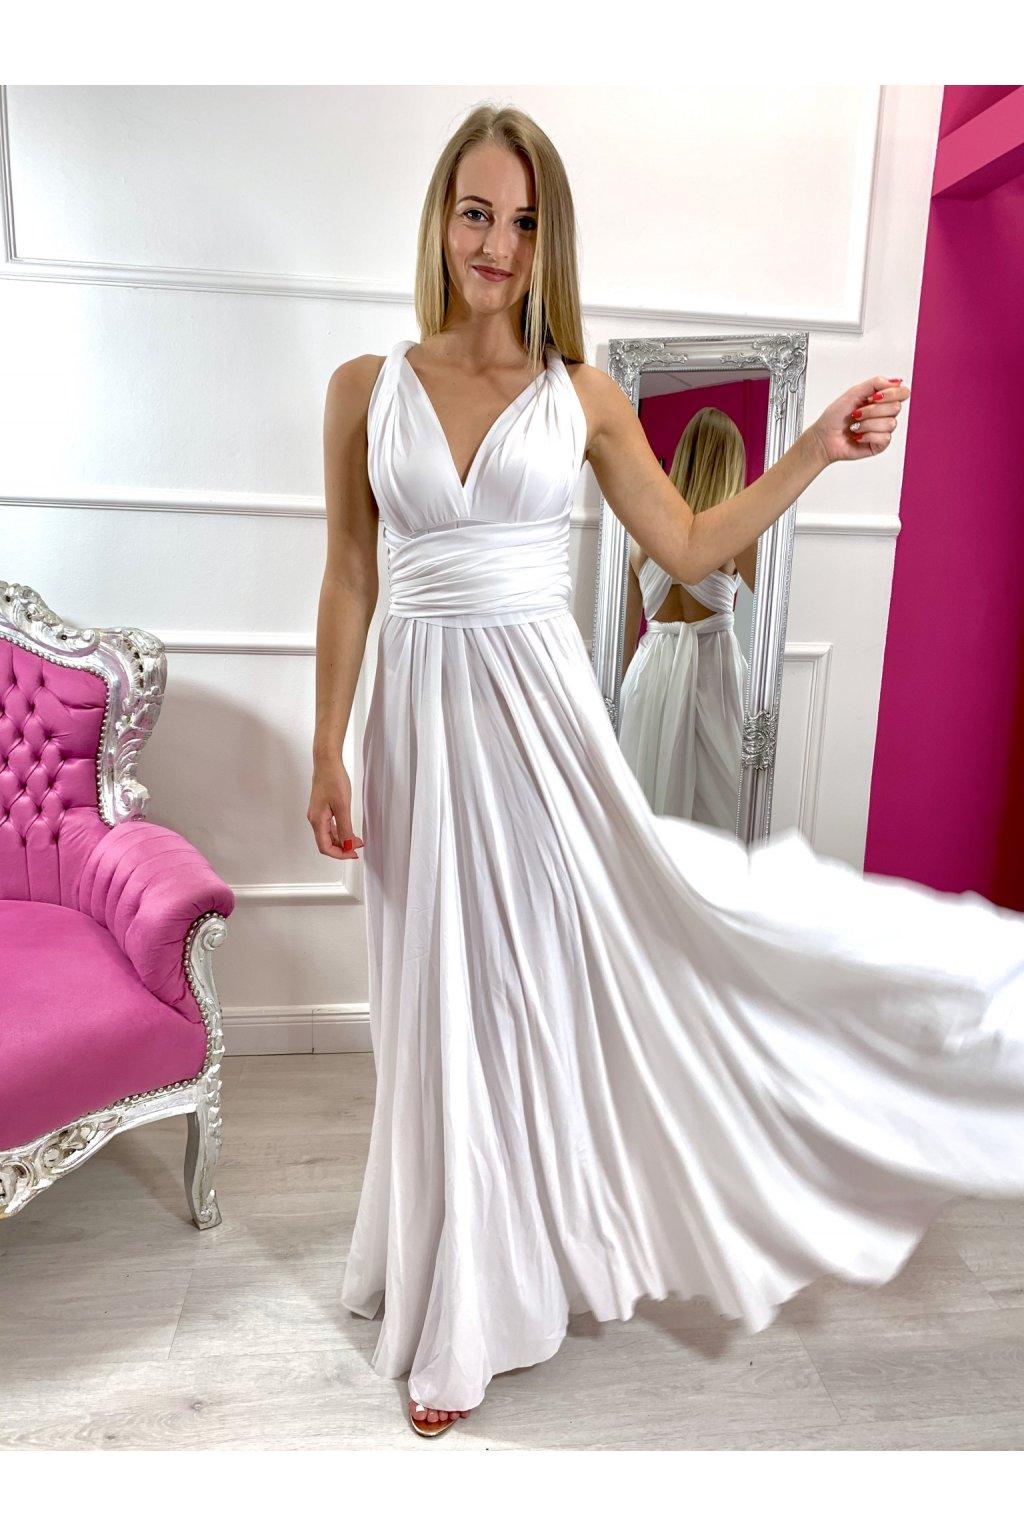 INFINITY dámske dlhé spoločenské šaty na viazanie - Biele